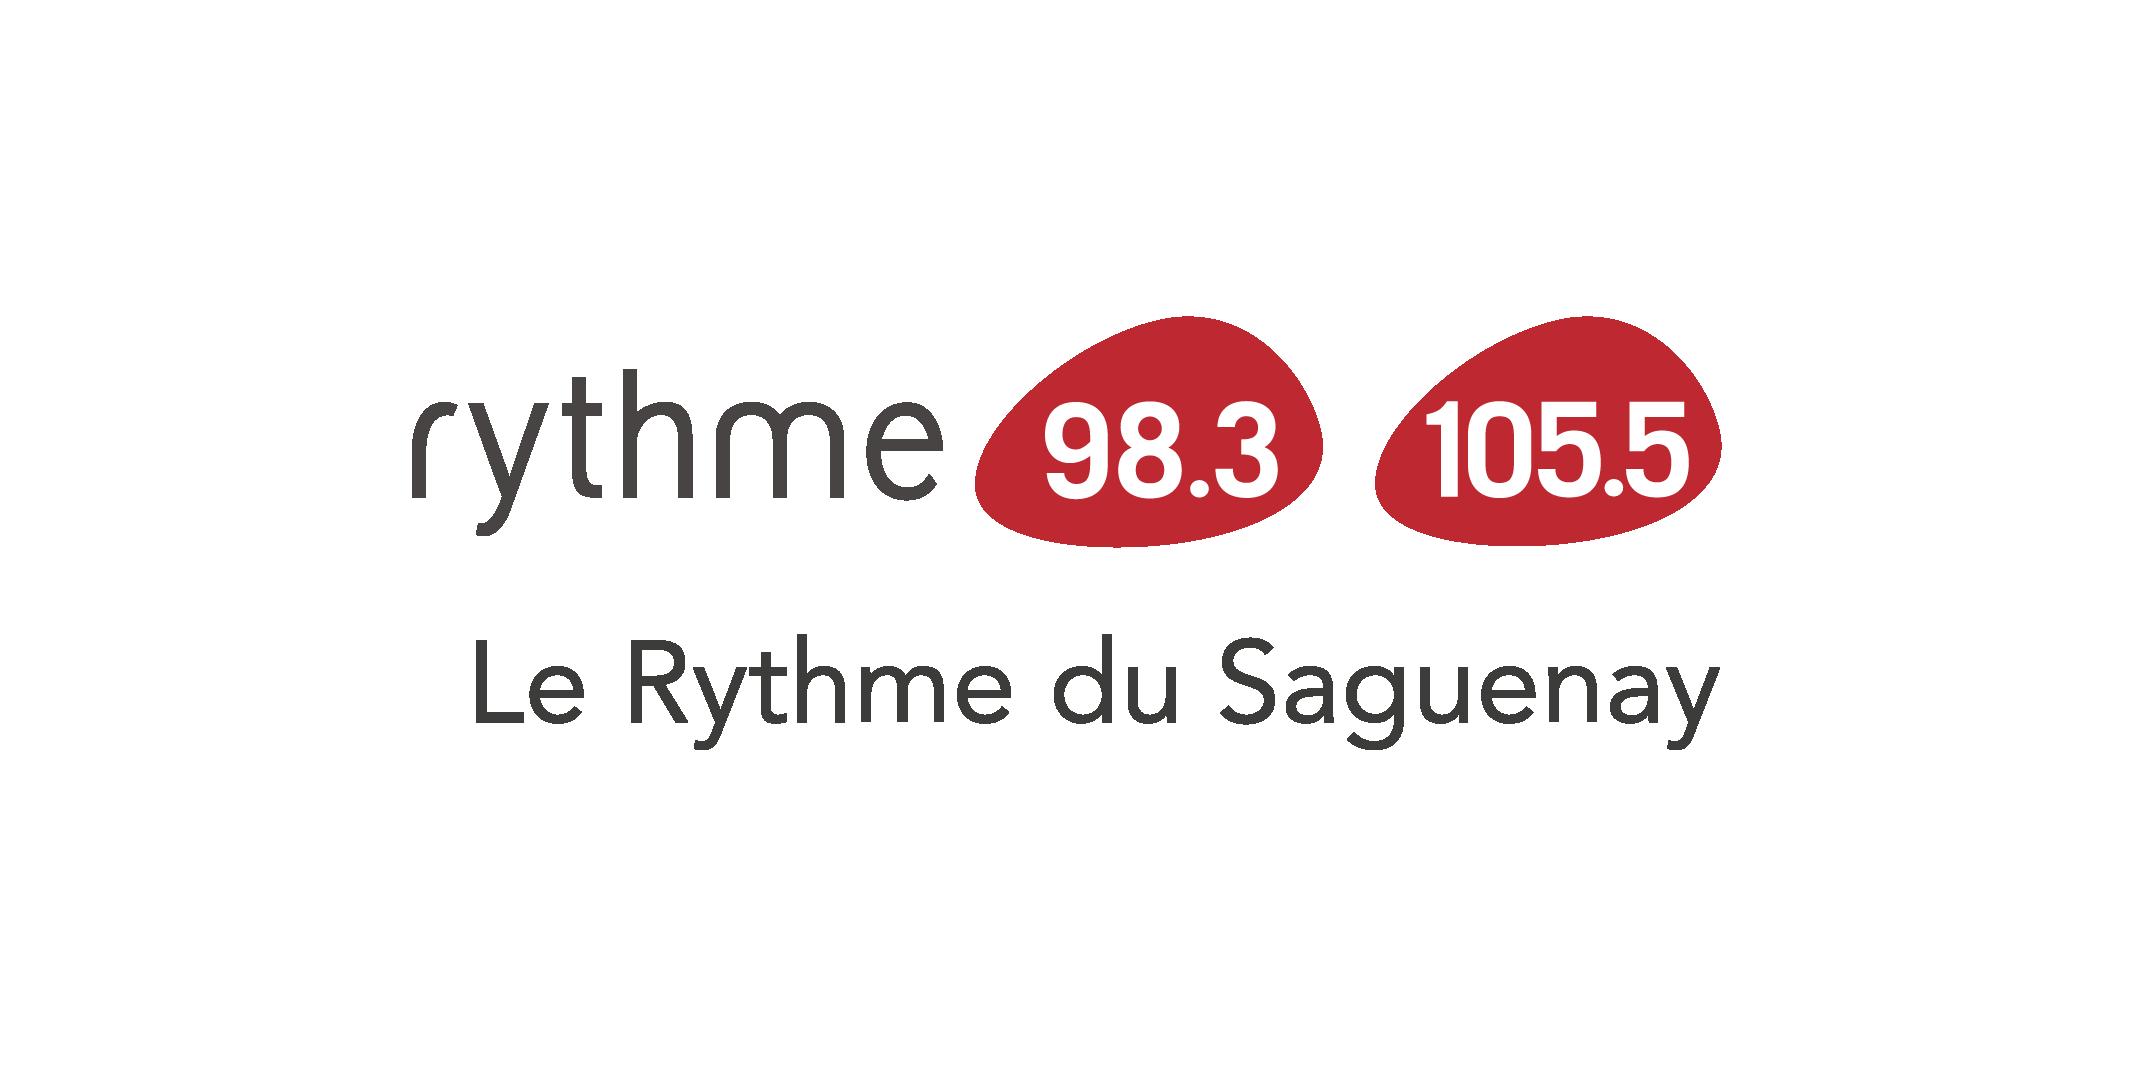 Rythme FM Saguenay